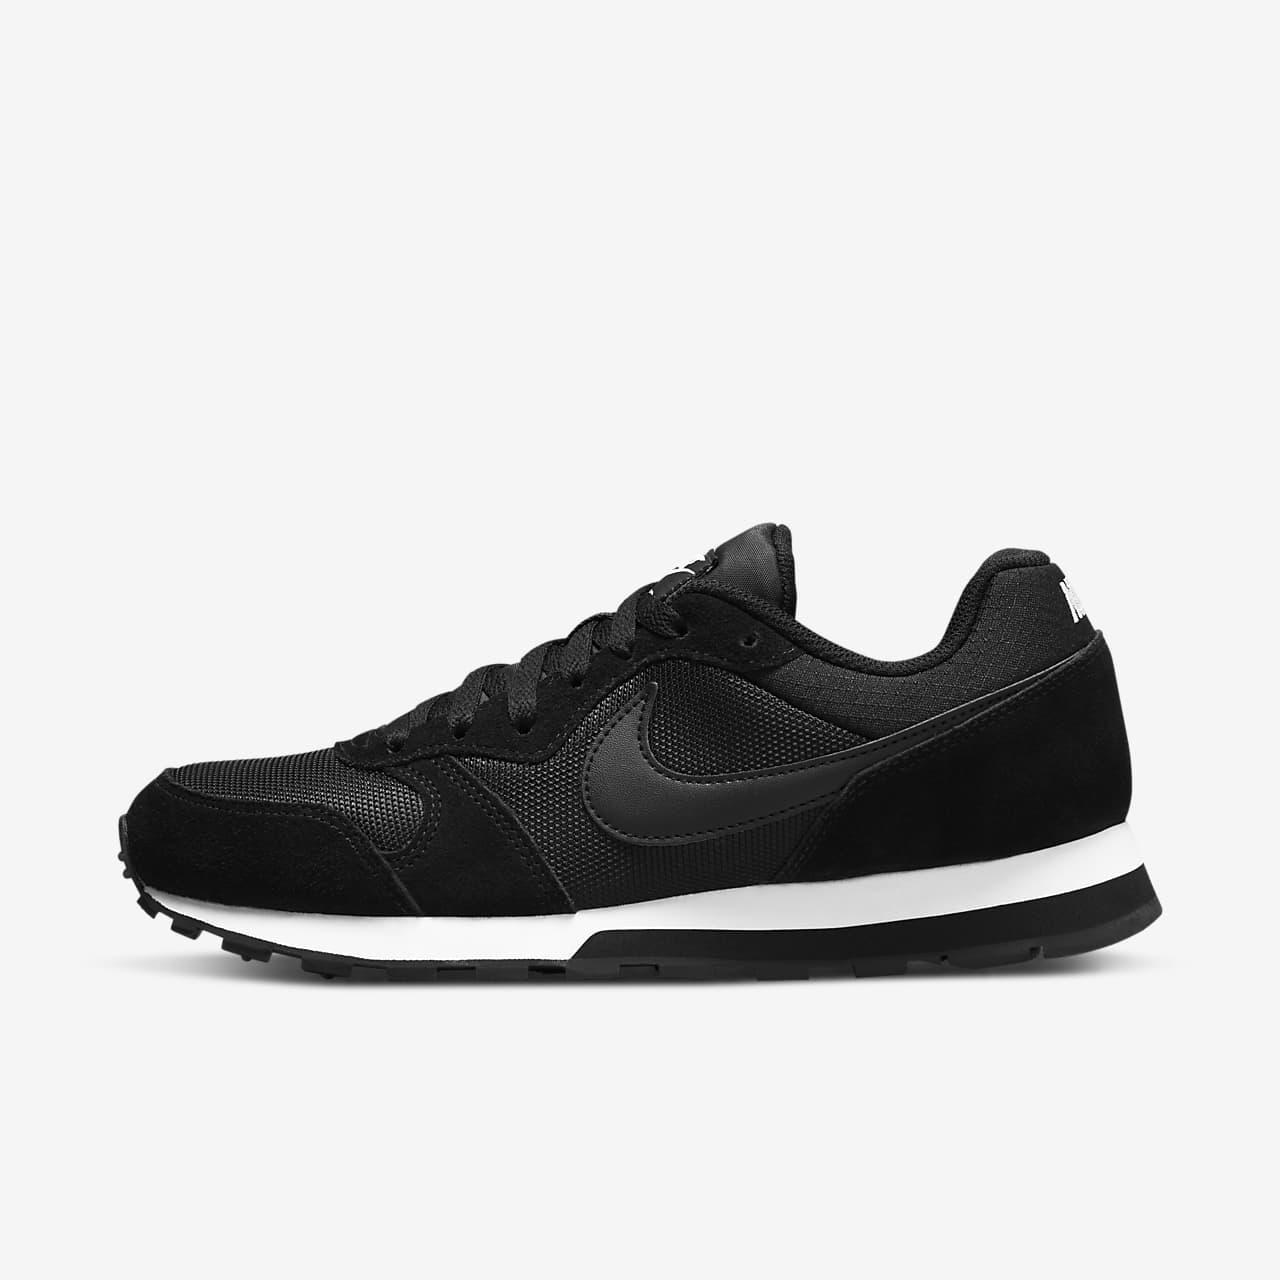 the best attitude ce3fe b7180 ... Sko Nike MD Runner 2 för kvinnor